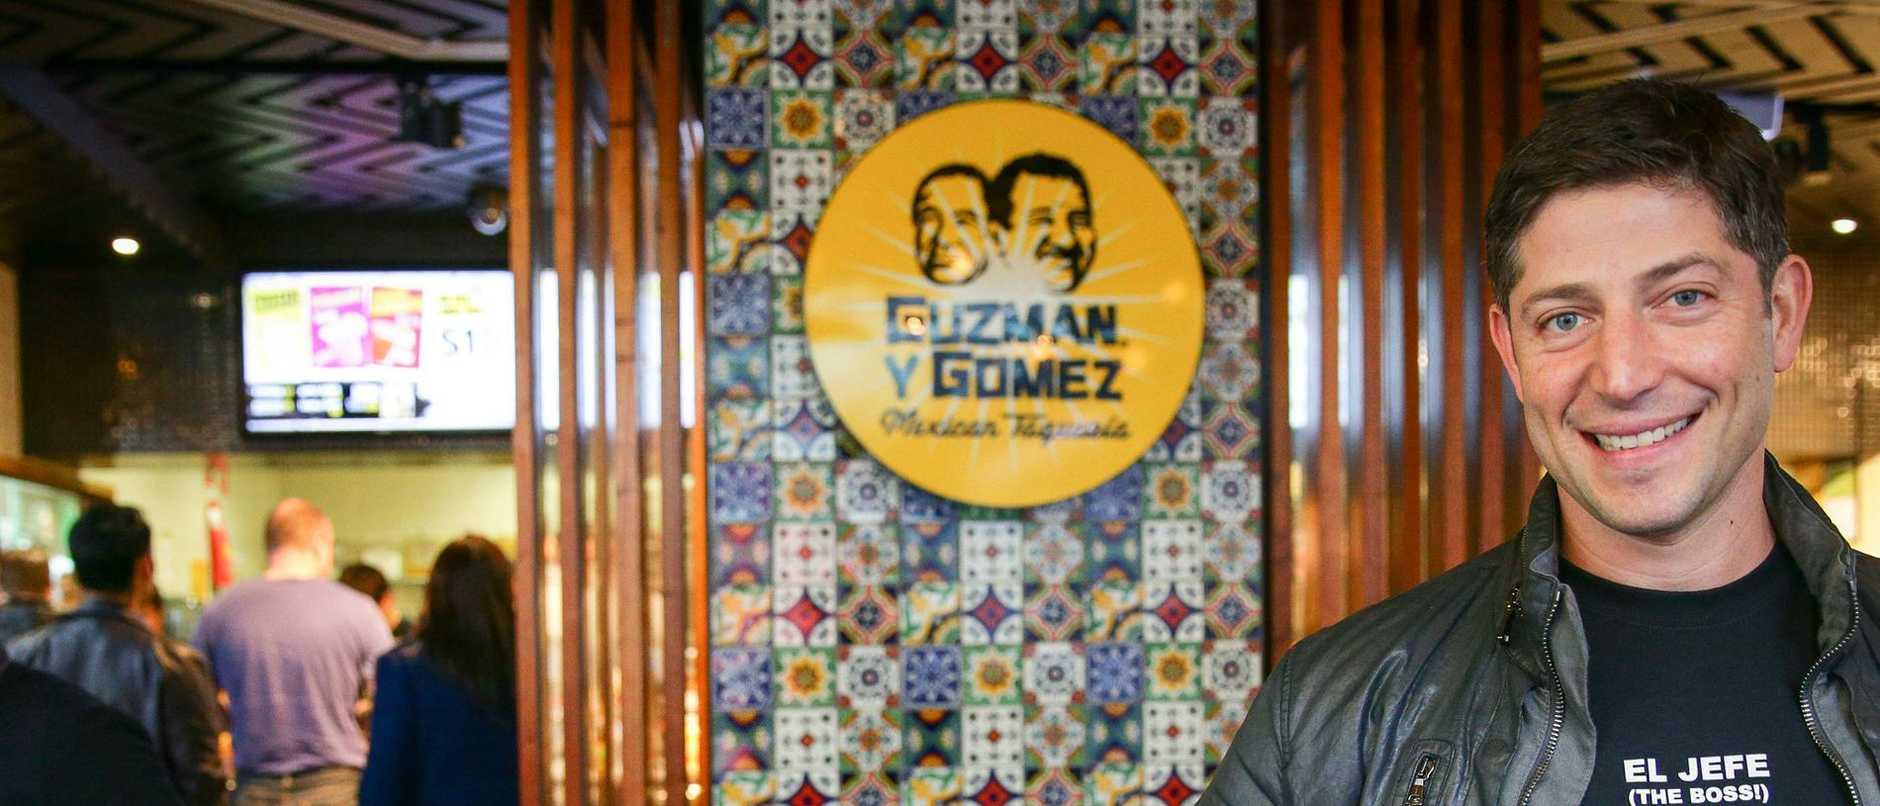 Steven Marks, Guzman Y Gomez